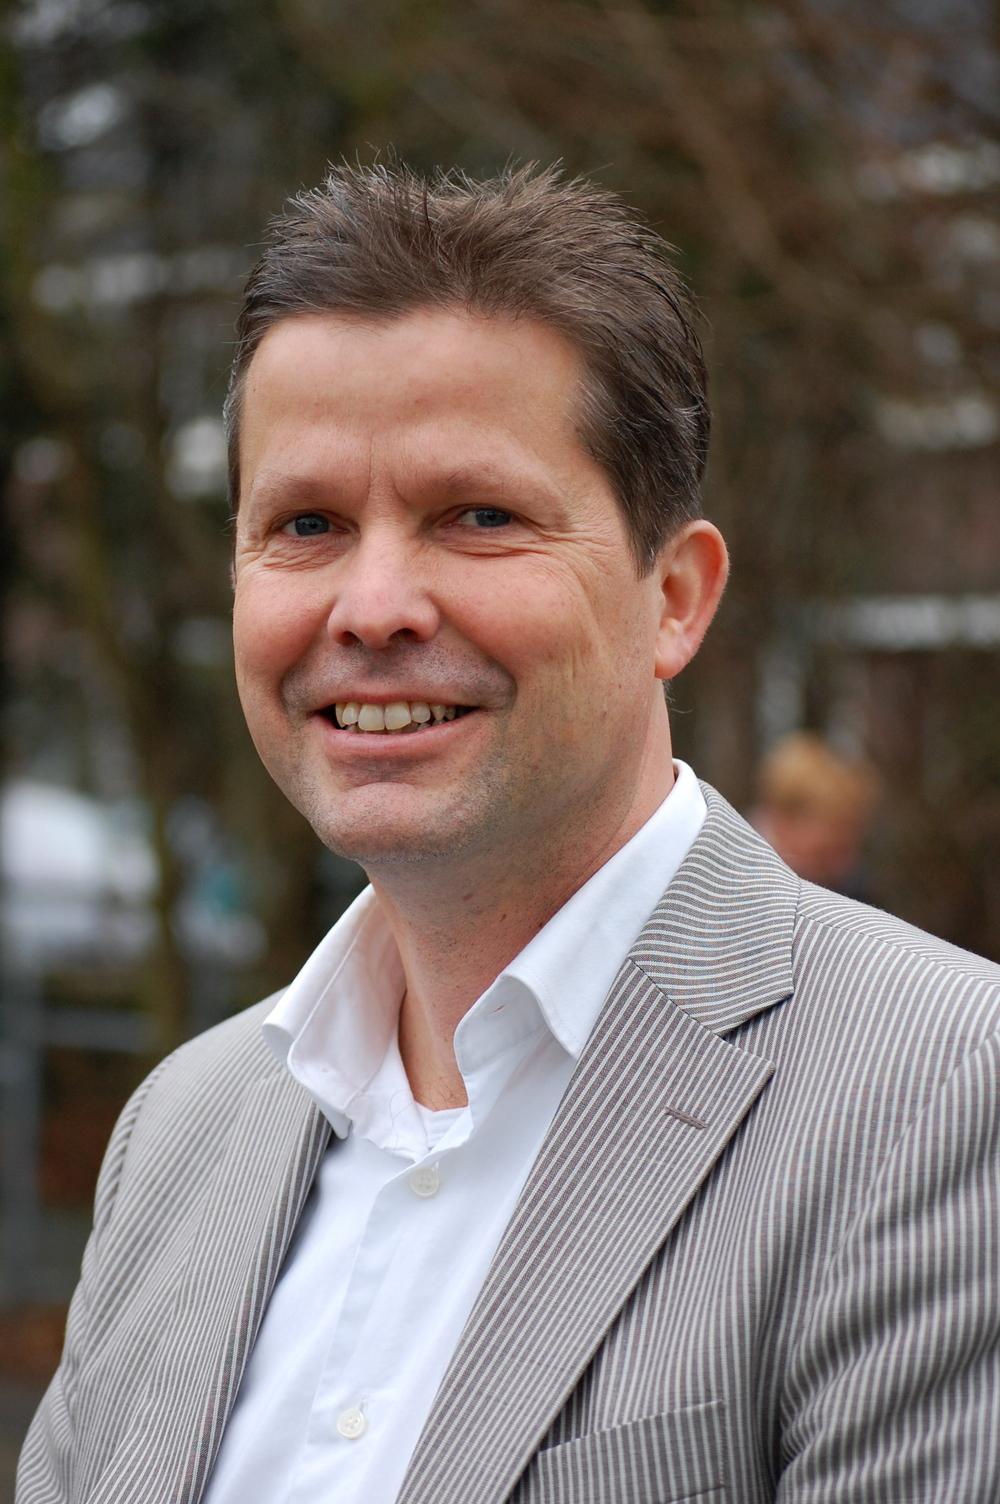 Hans Blonk